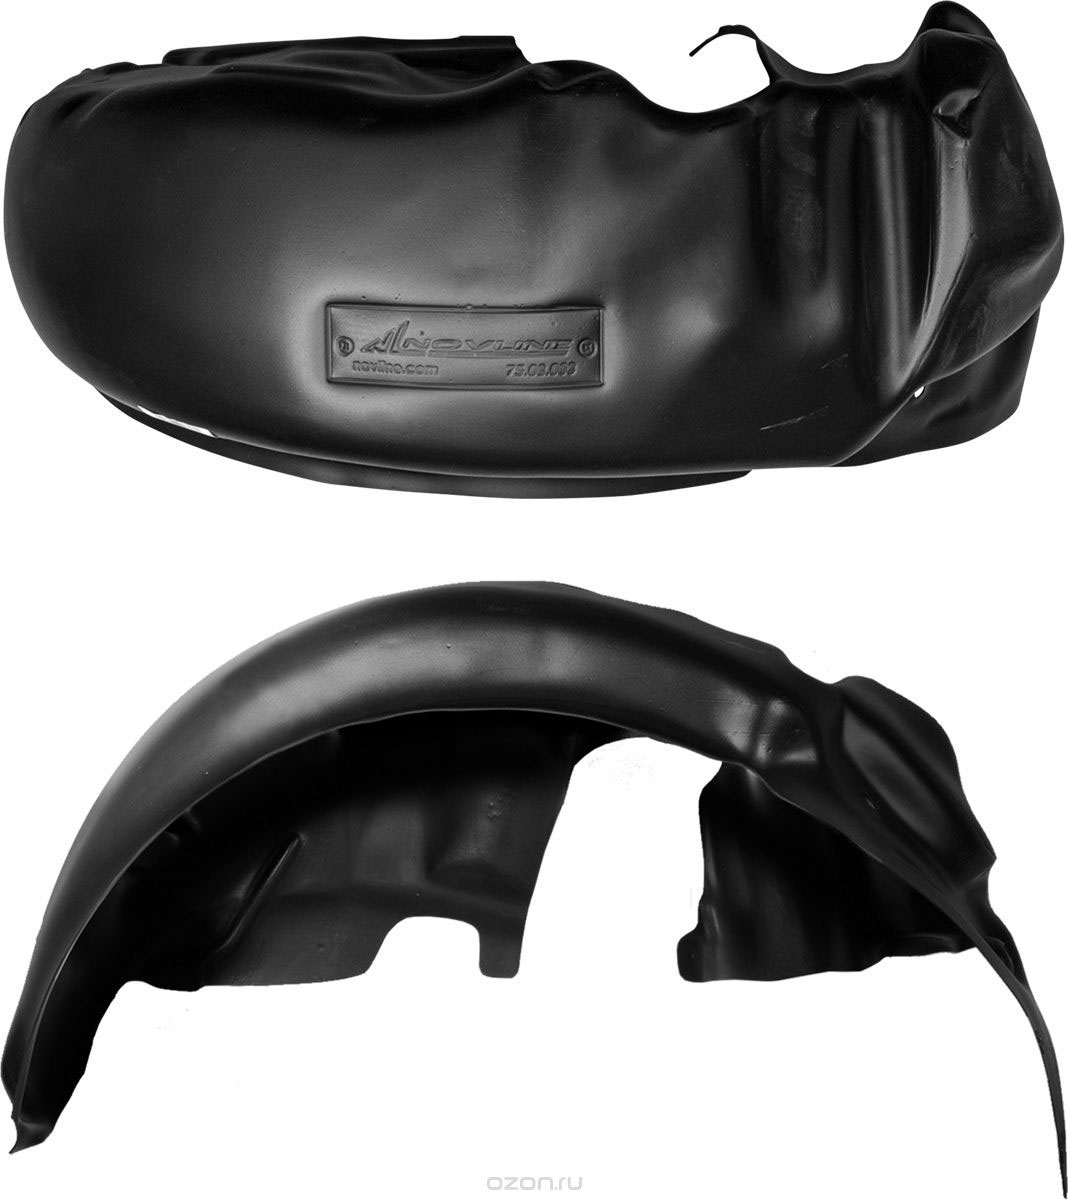 Подкрылок Novline-Autofamily, для Chery Tiggo 5 FL, 2016->, кроссовер, передний правыйNLL.63.17.002Идеальная защита колесной ниши. Локеры разработаны с применением цифровых технологий, гарантируют максимальную повторяемость поверхности арки. Изделия устанавливаются без нарушения лакокрасочного покрытия автомобиля, каждый подкрылок комплектуется крепежом. Уважаемые клиенты, обращаем ваше внимание, что фотографии на подкрылки универсальные и не отражают реальную форму изделия. При этом само изделие идет точно под размер указанного автомобиля.